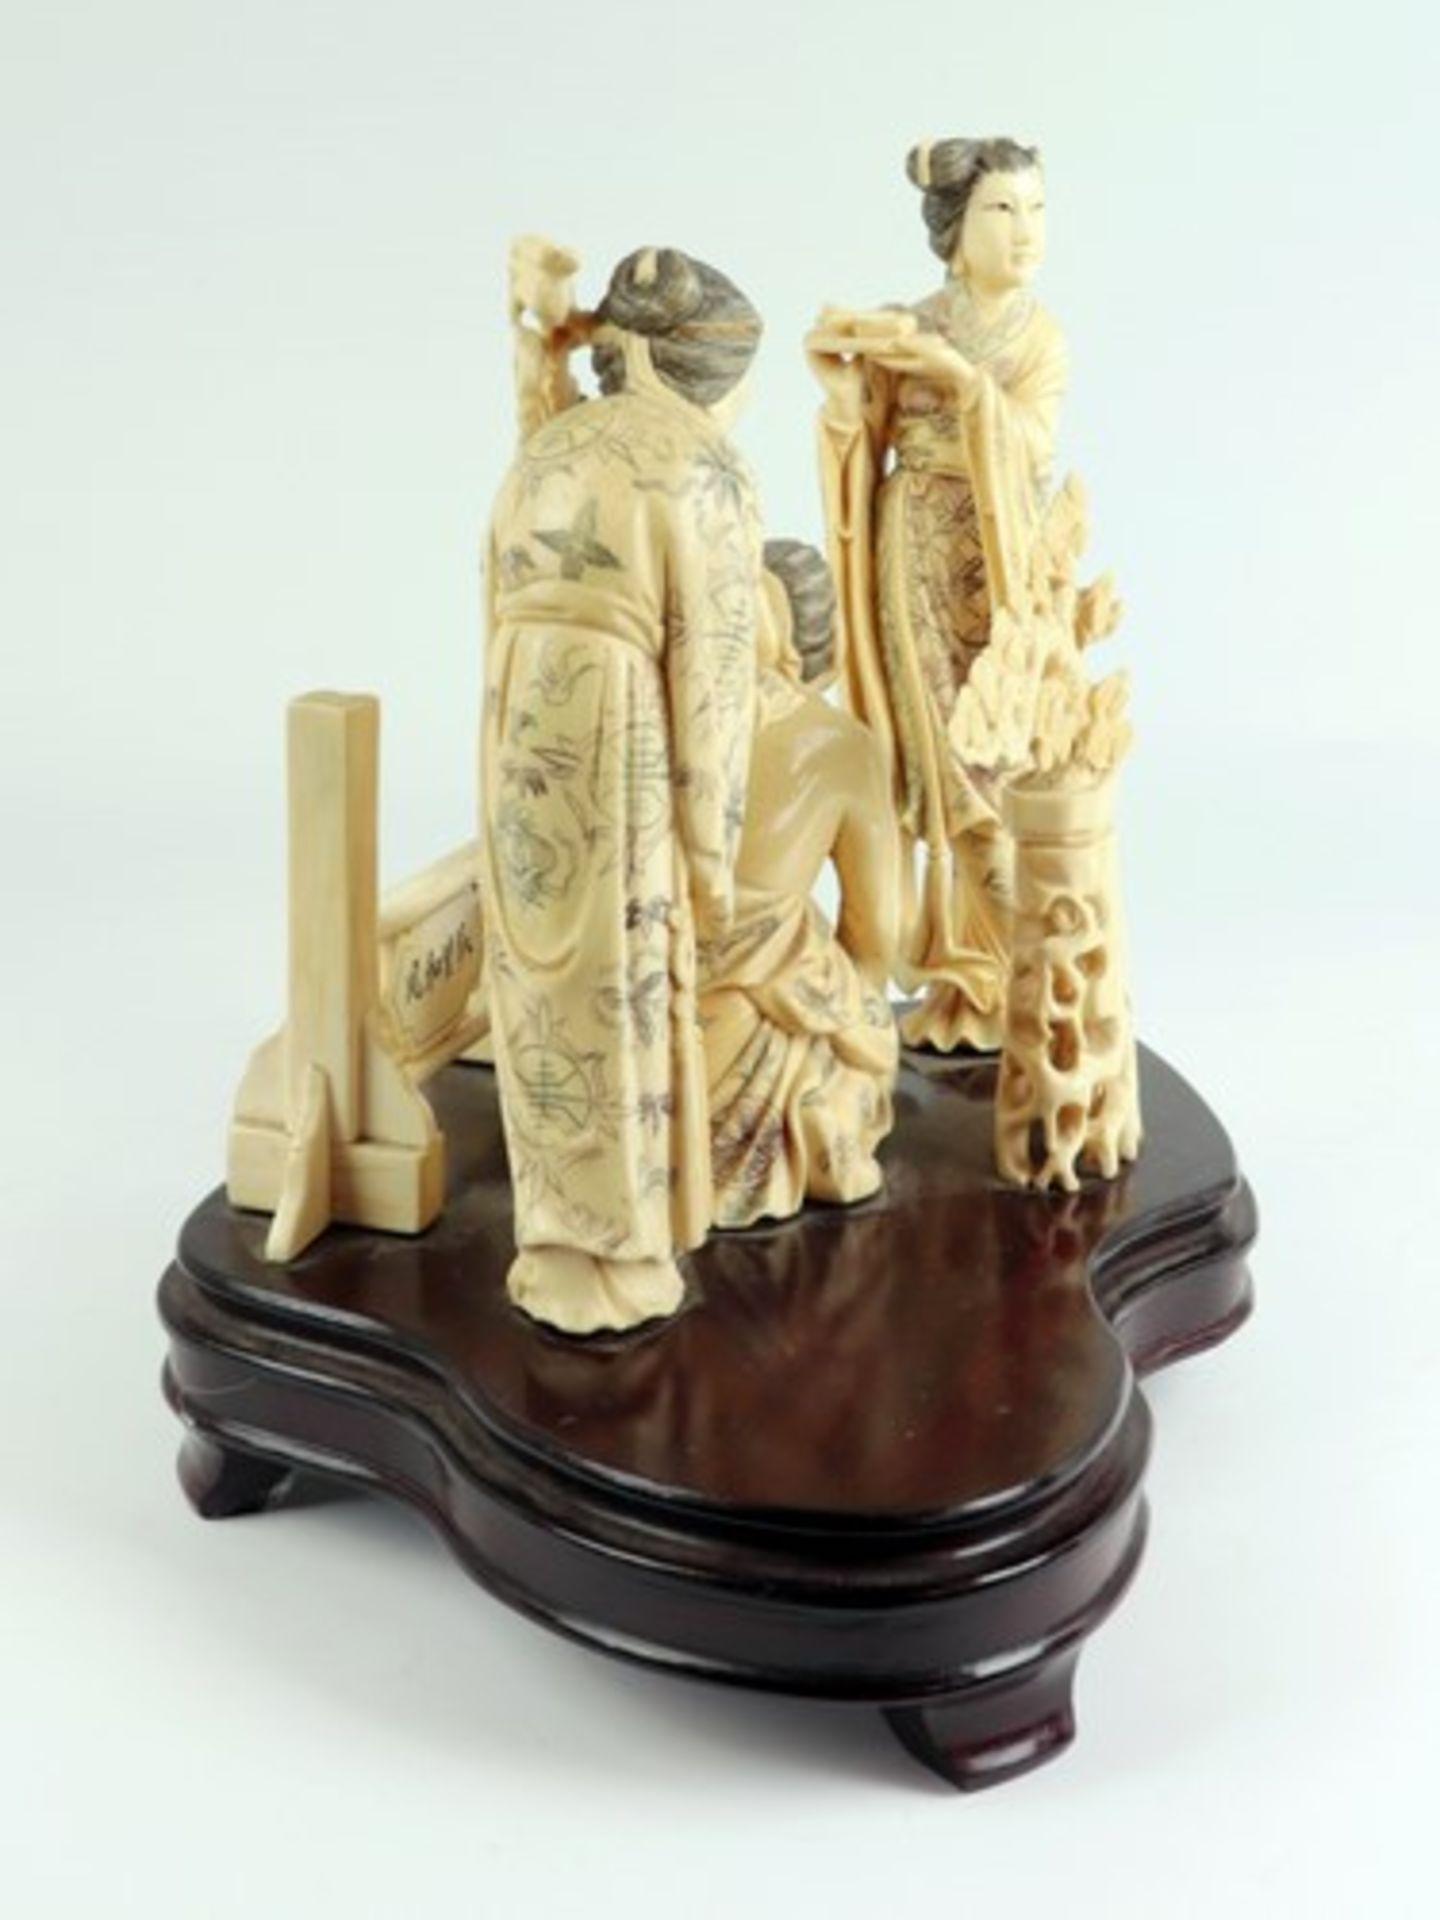 Figurengruppe - Elfenbeinschnitzereium 1900/10, auf geschwungenem, profiliertem Holzsockel, - Bild 5 aus 6